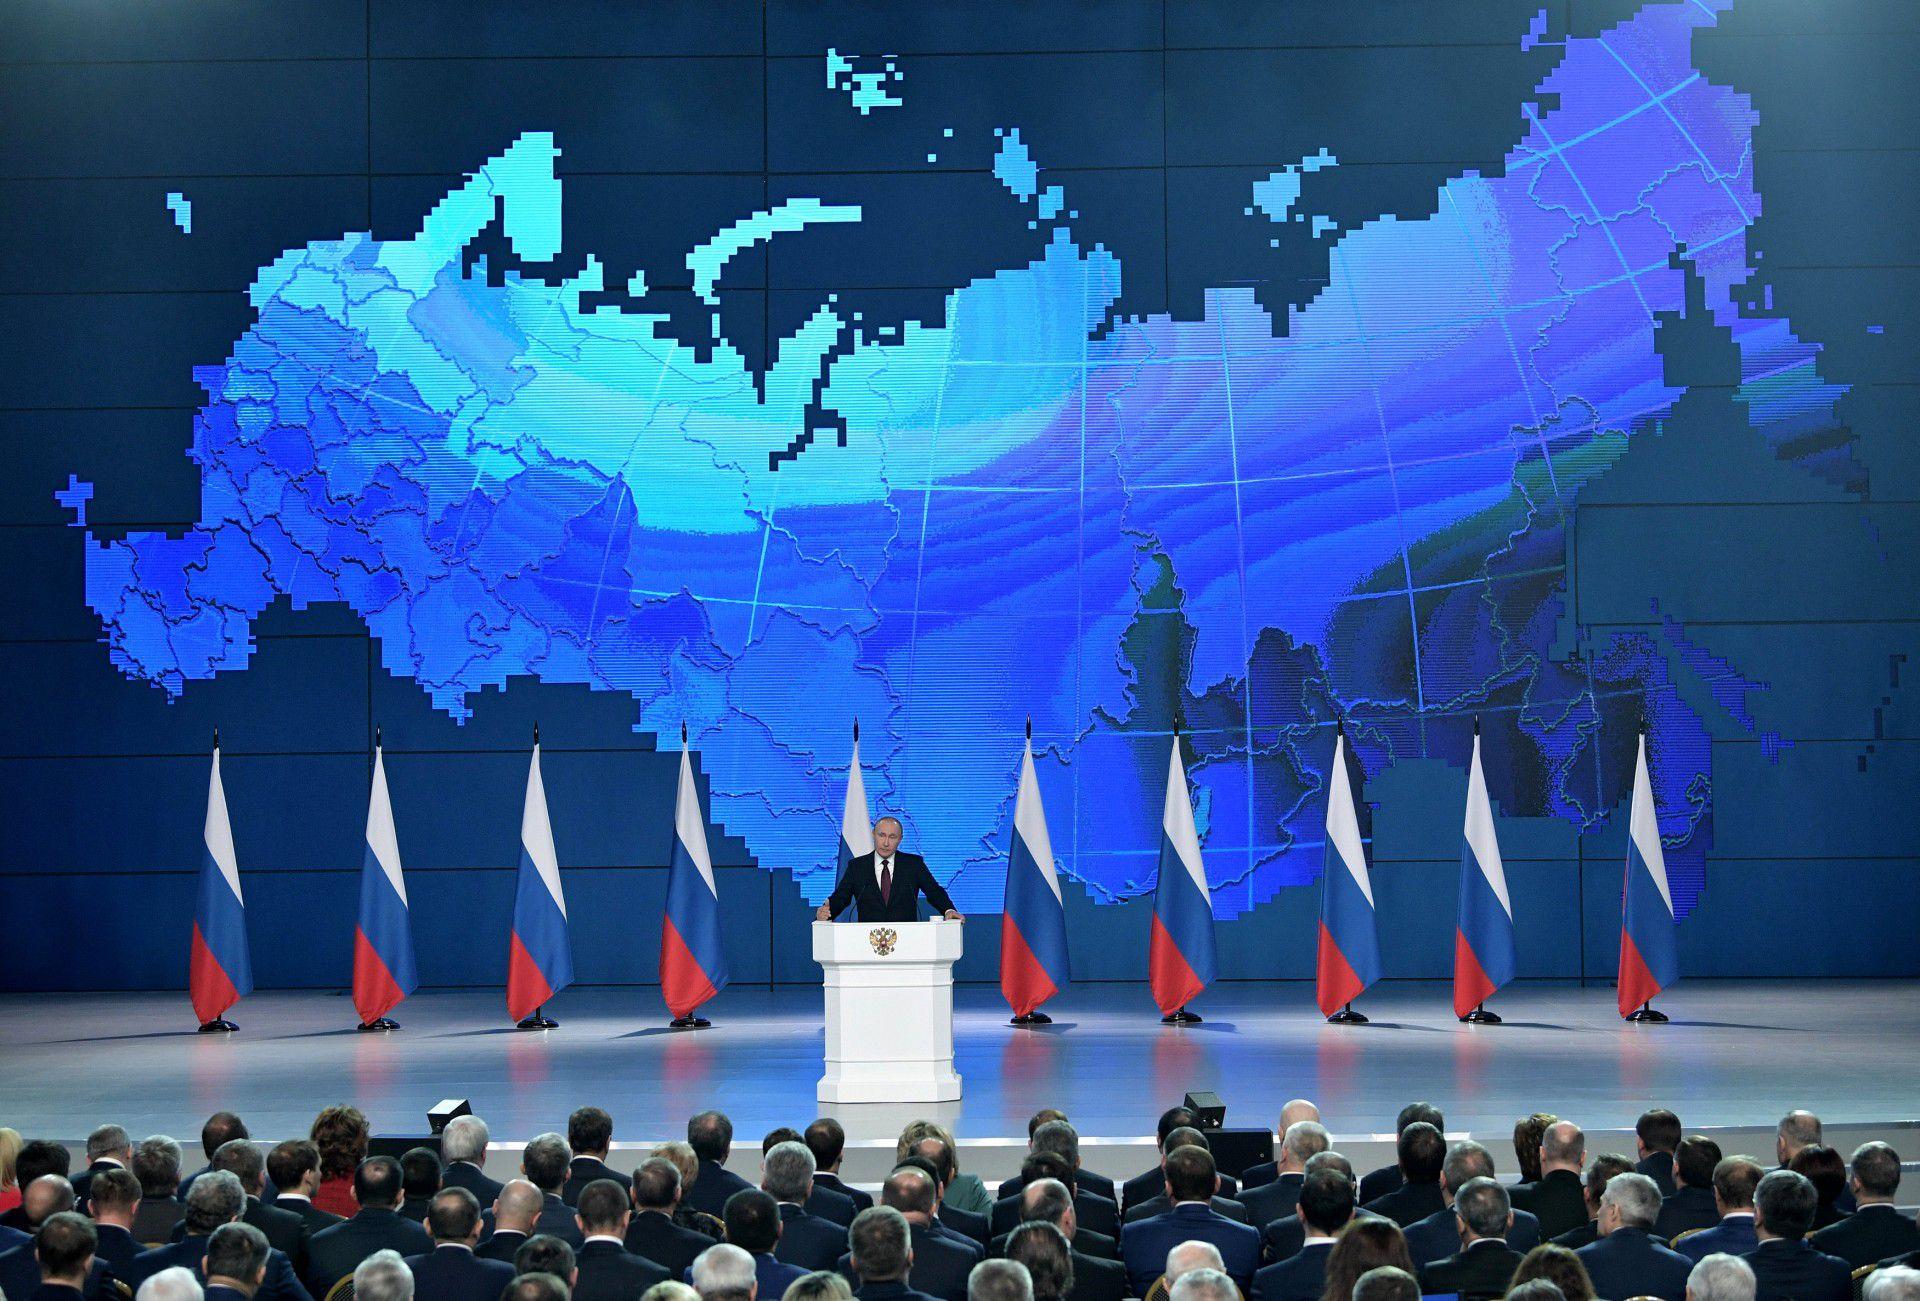 El presidente ruso, Vladimir Putin, se dirige a la Asamblea Federal, incluidos los parlamentarios de la Duma Estatal, miembros del Consejo de la Federación, gobernadores regionales y otros altos funcionarios, en Moscú, Rusia, el 20 de febrero de 2019. Sputnik / Alexei Nikolsky / Kremlin